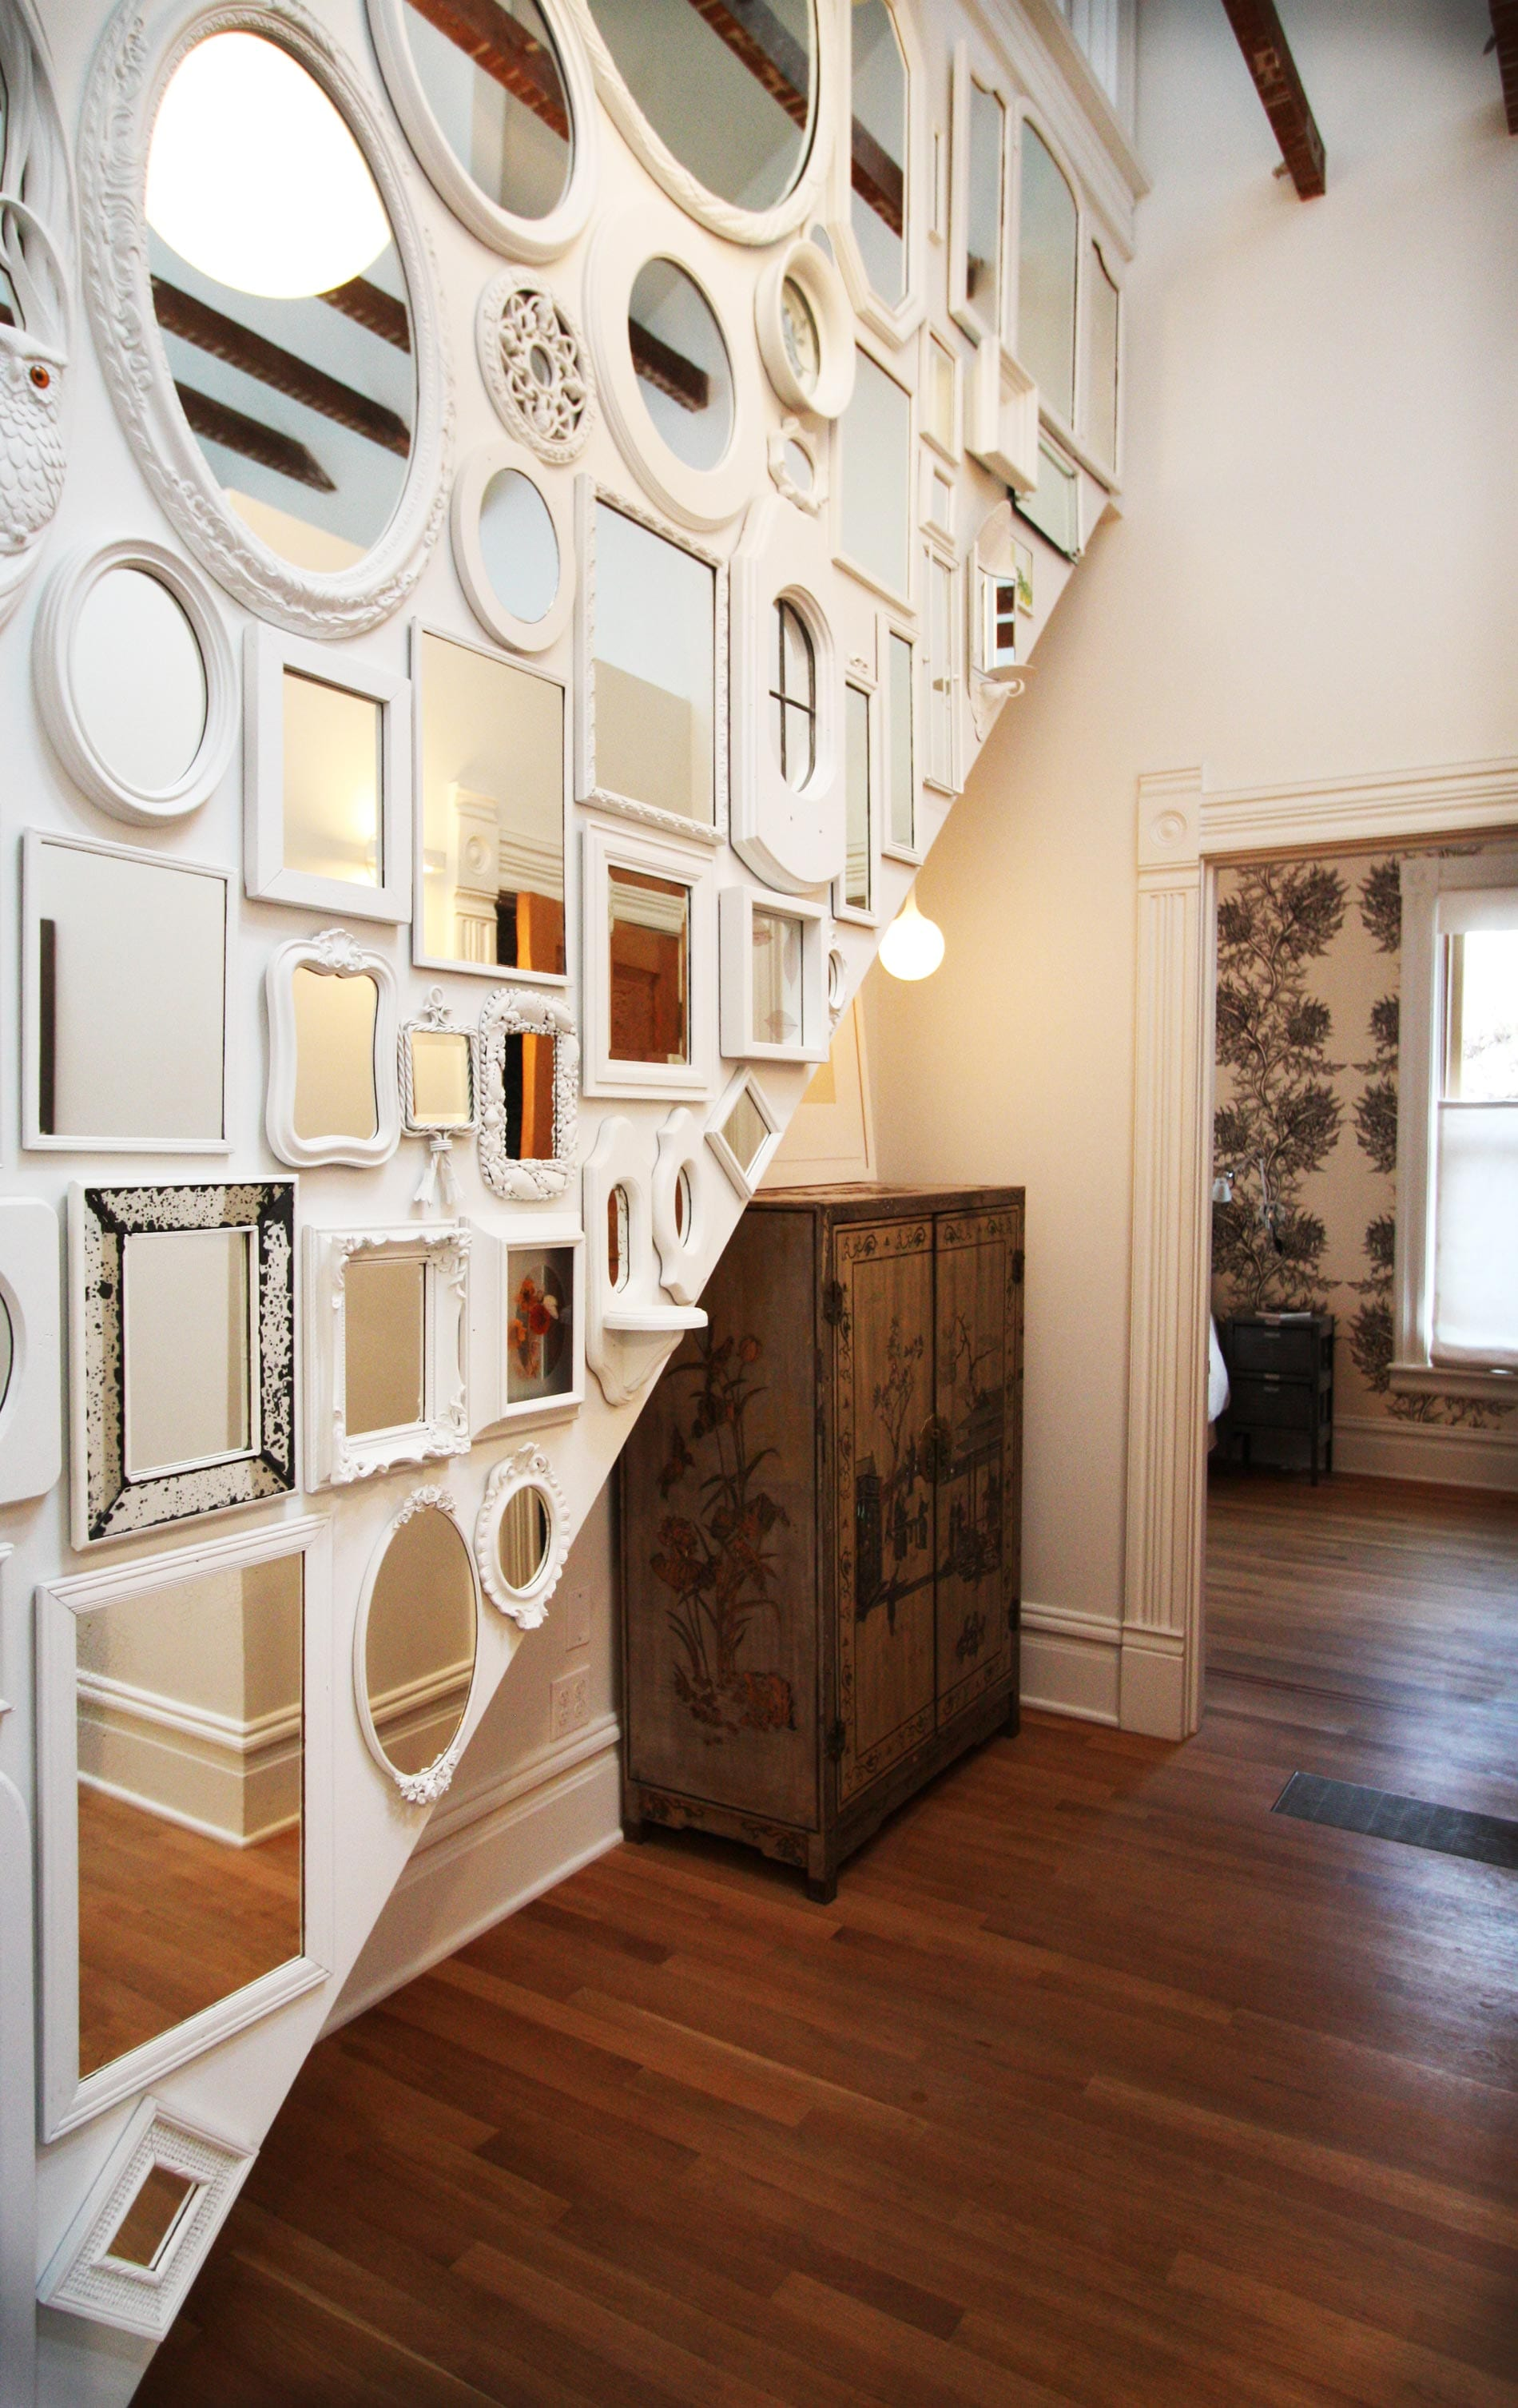 farbgestaltung Flur-weiße wand mit spiegeln in weißen Spiegelrahmen